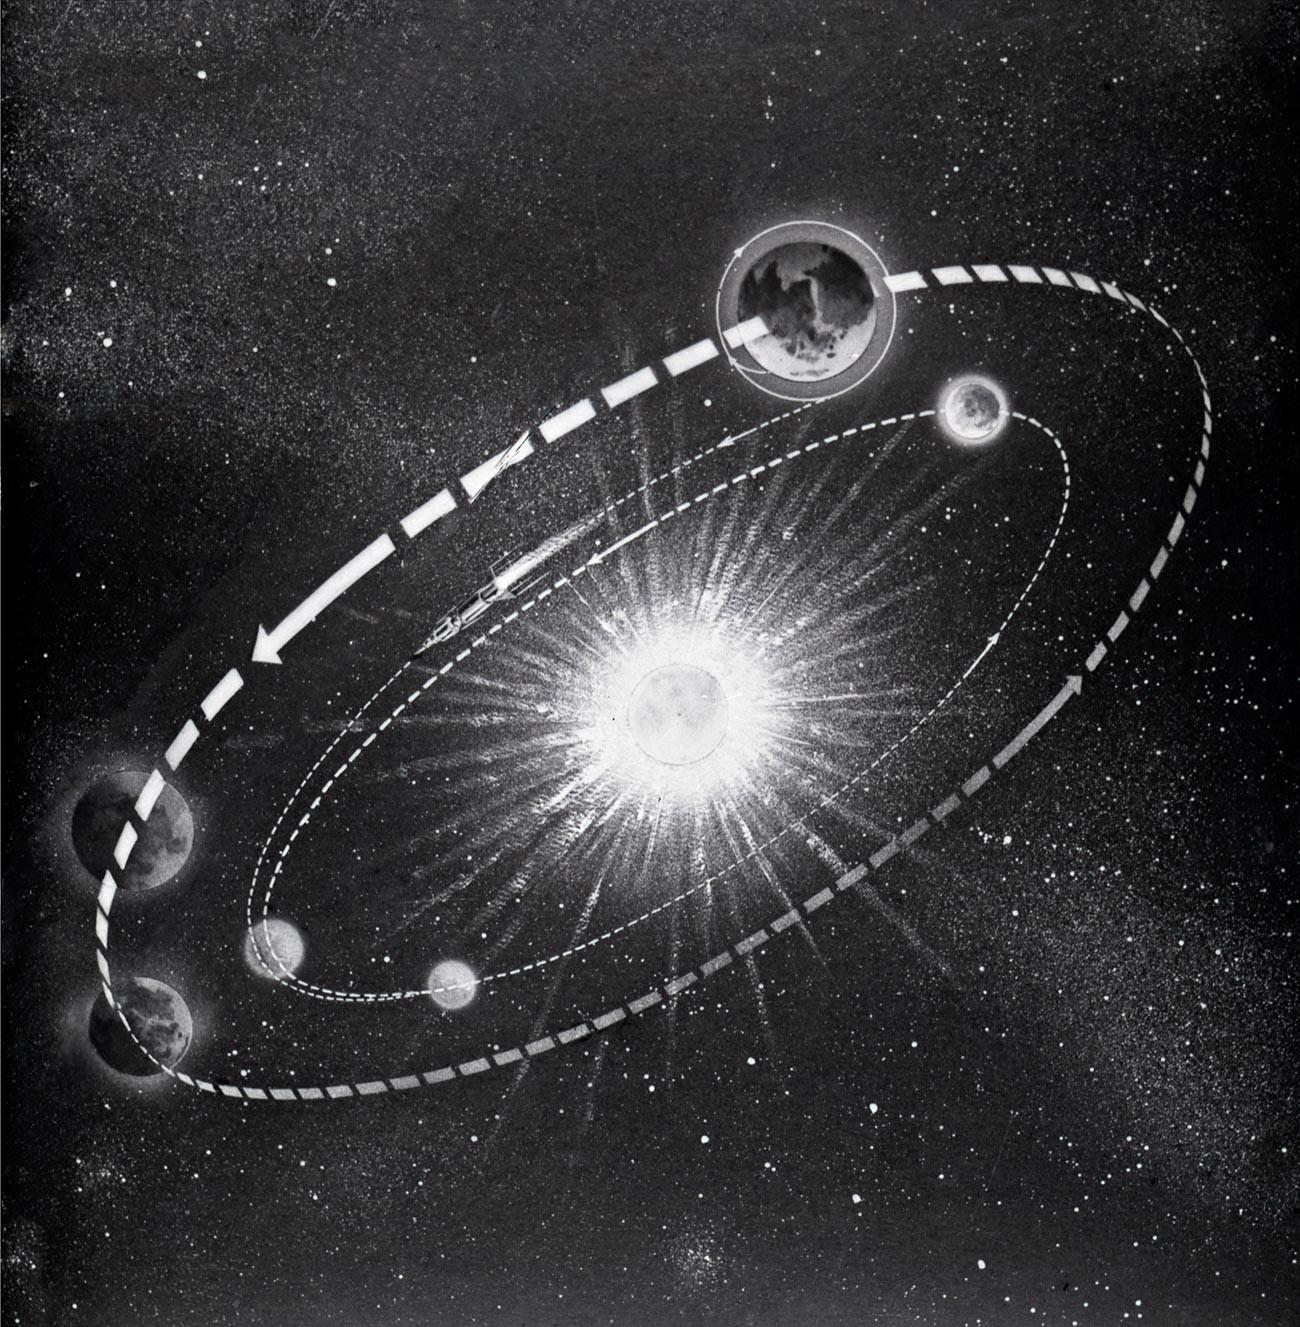 Trajet de vol de la sonde spatiale soviétique Venera-1 vers la planète Vénus